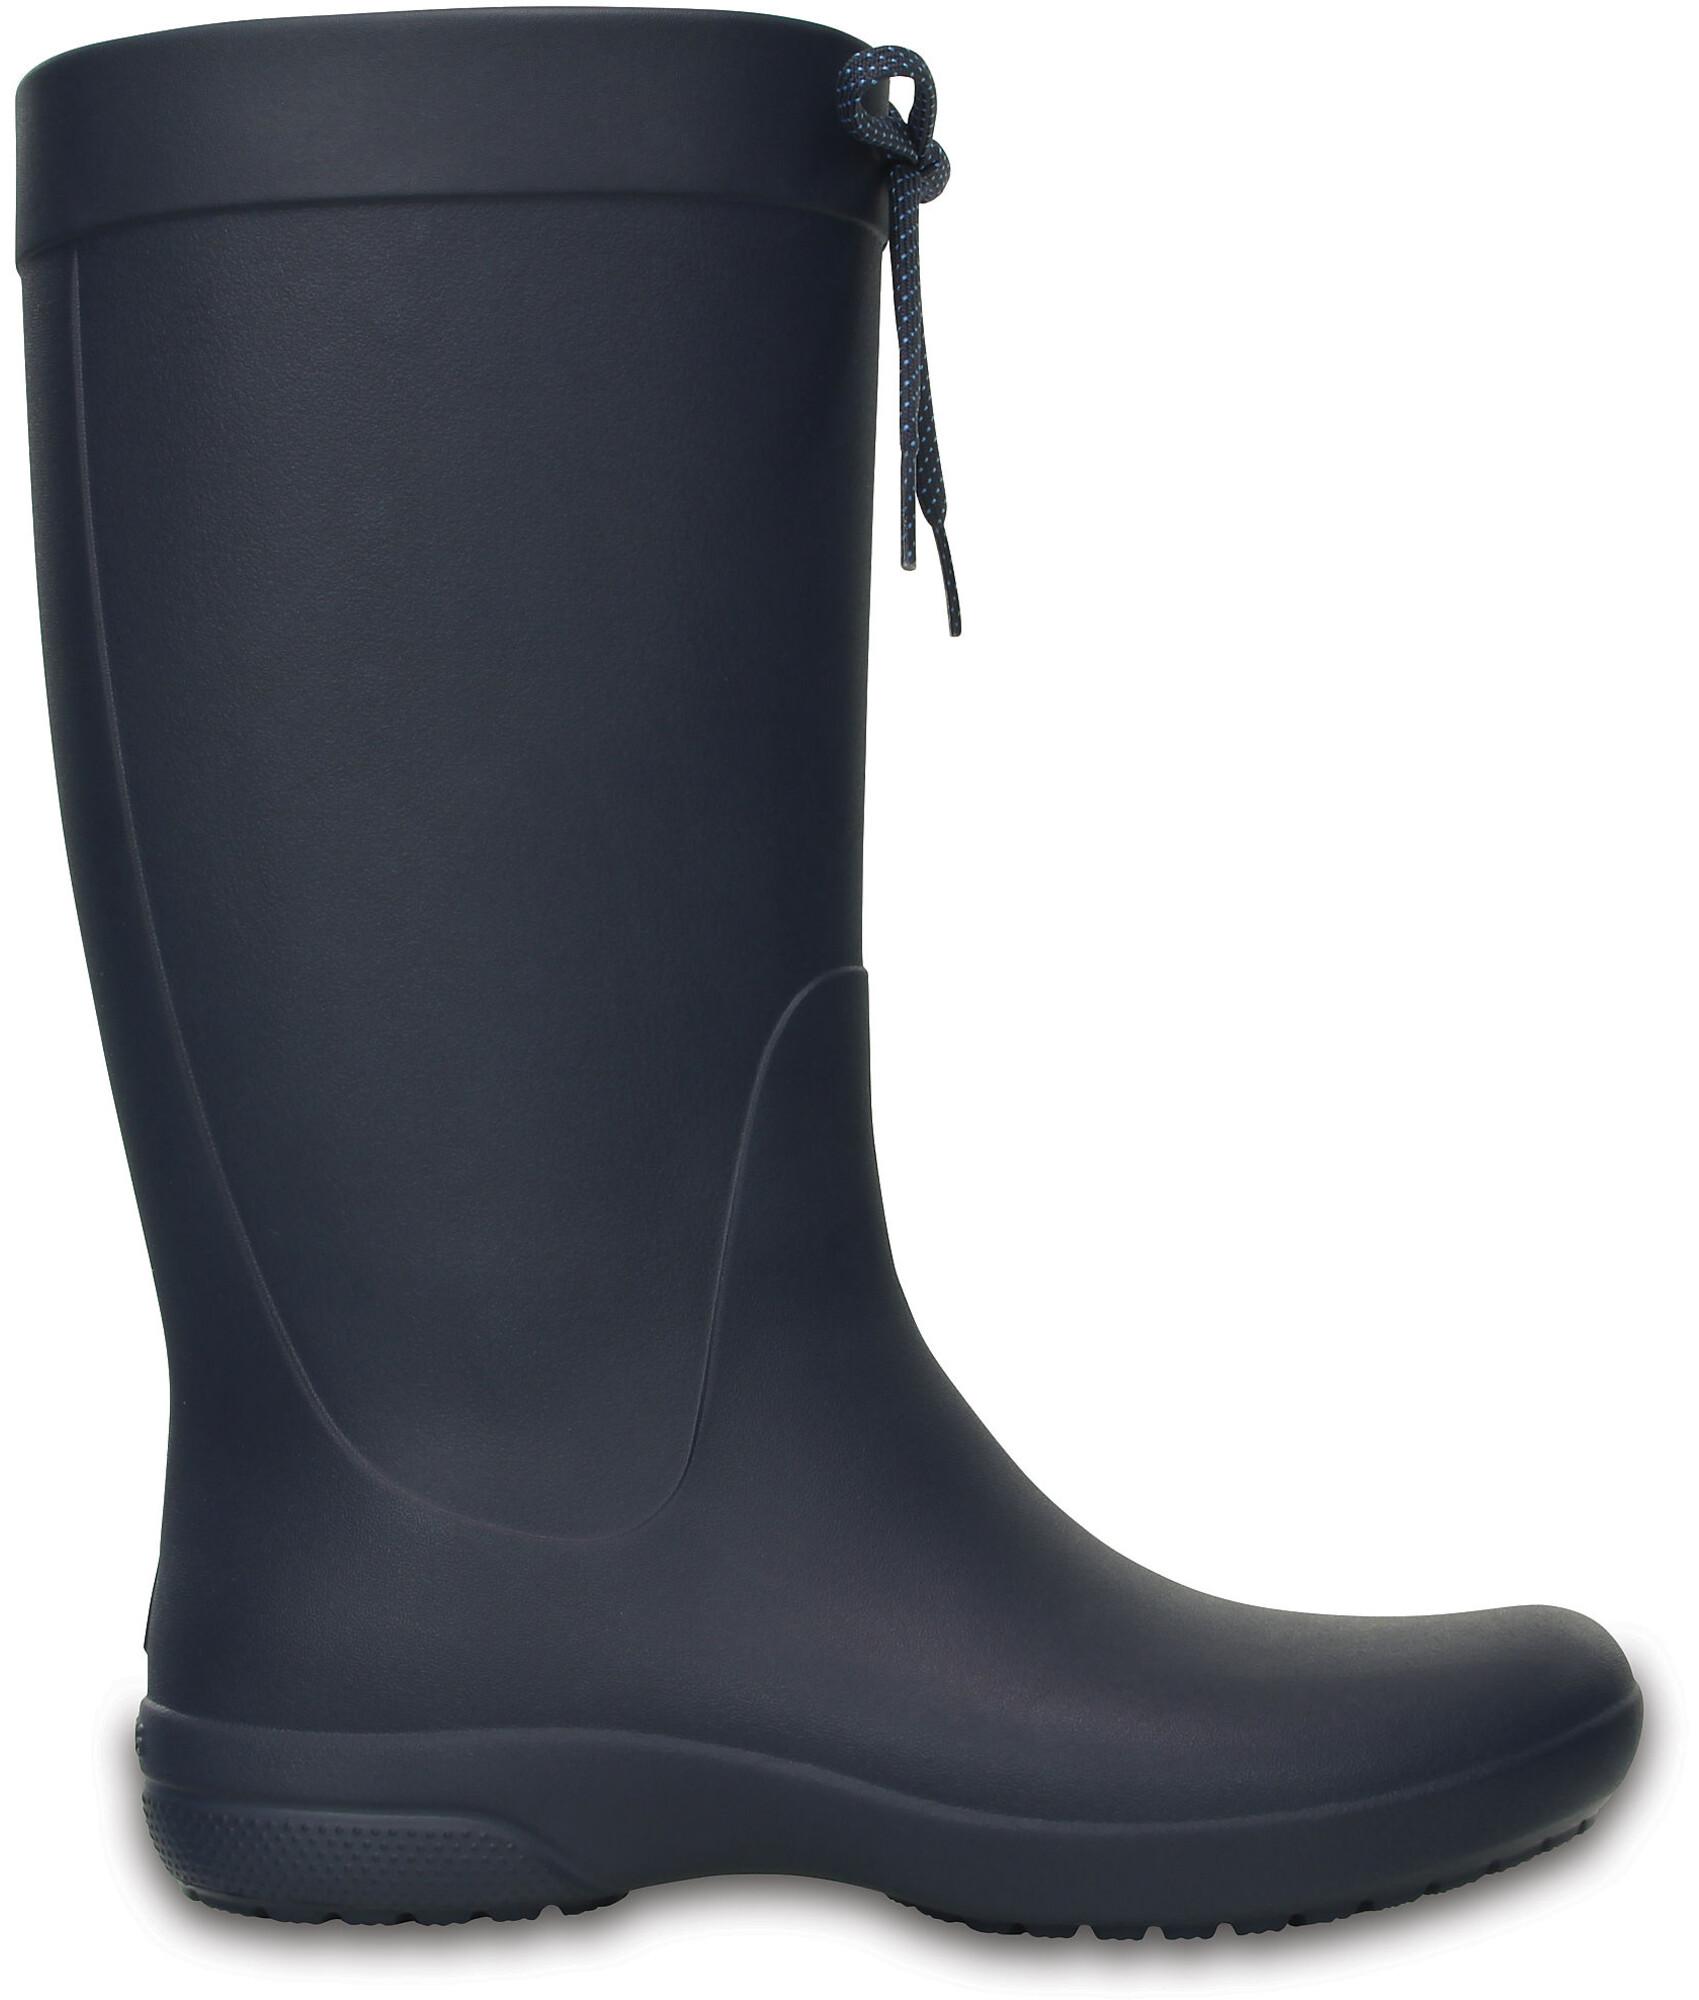 Crocs Freesail Gummistøvler Damer blå | Find outdoortøj, sko & udstyr på nettet | CAMPZ.dk